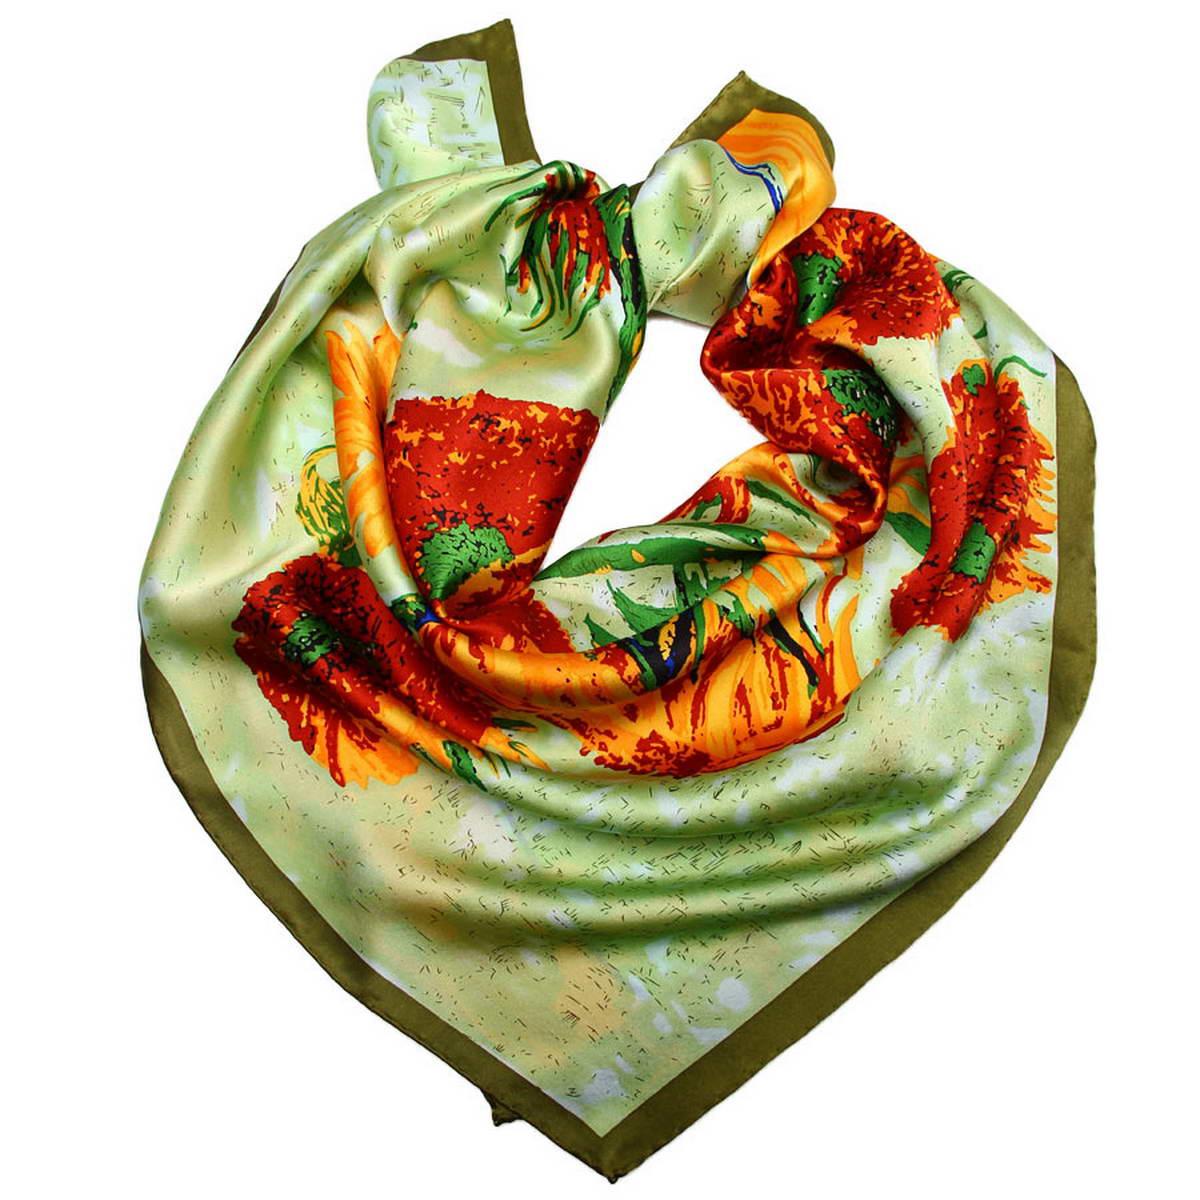 Платок женский Venera, цвет: зеленый, коричневый, оранжевый. 1810912-11. Размер 90 см х 90 см1810912-11Стильный женский платок Venera станет великолепным завершением любого наряда. Платок, изготовленный из 100% шелка, оформлен изображением картины Винсента Ван Гога Натюрморт с подсолнухами в вазе. Классическая квадратная форма позволяет носить платок на шее, украшать им прическу или декорировать сумочку. Легкий и приятный на ощупь платок поможет вам создать изысканный женственный образ. Такой платок превосходно дополнит любой наряд и подчеркнет ваш неповторимый вкус и элегантность.